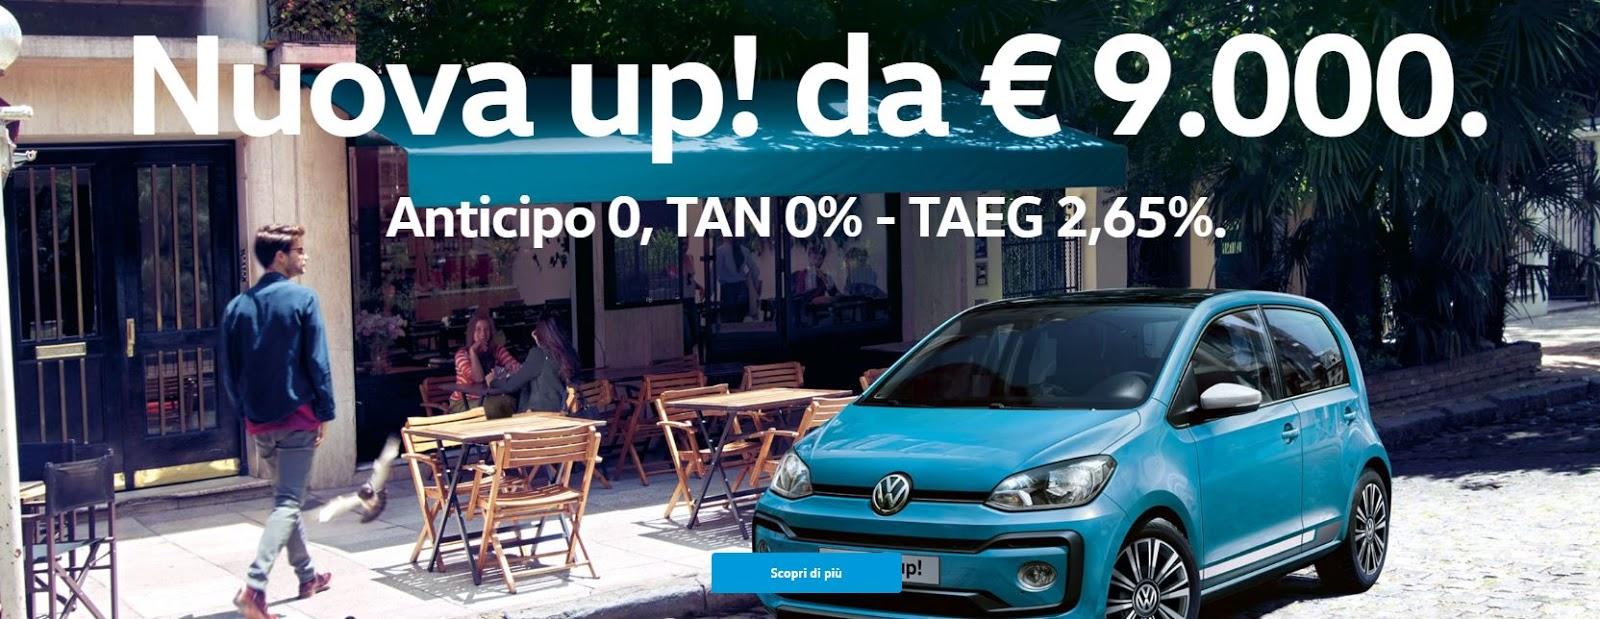 Offerte Volkswagen promozione nuova Up - Marzo 2017